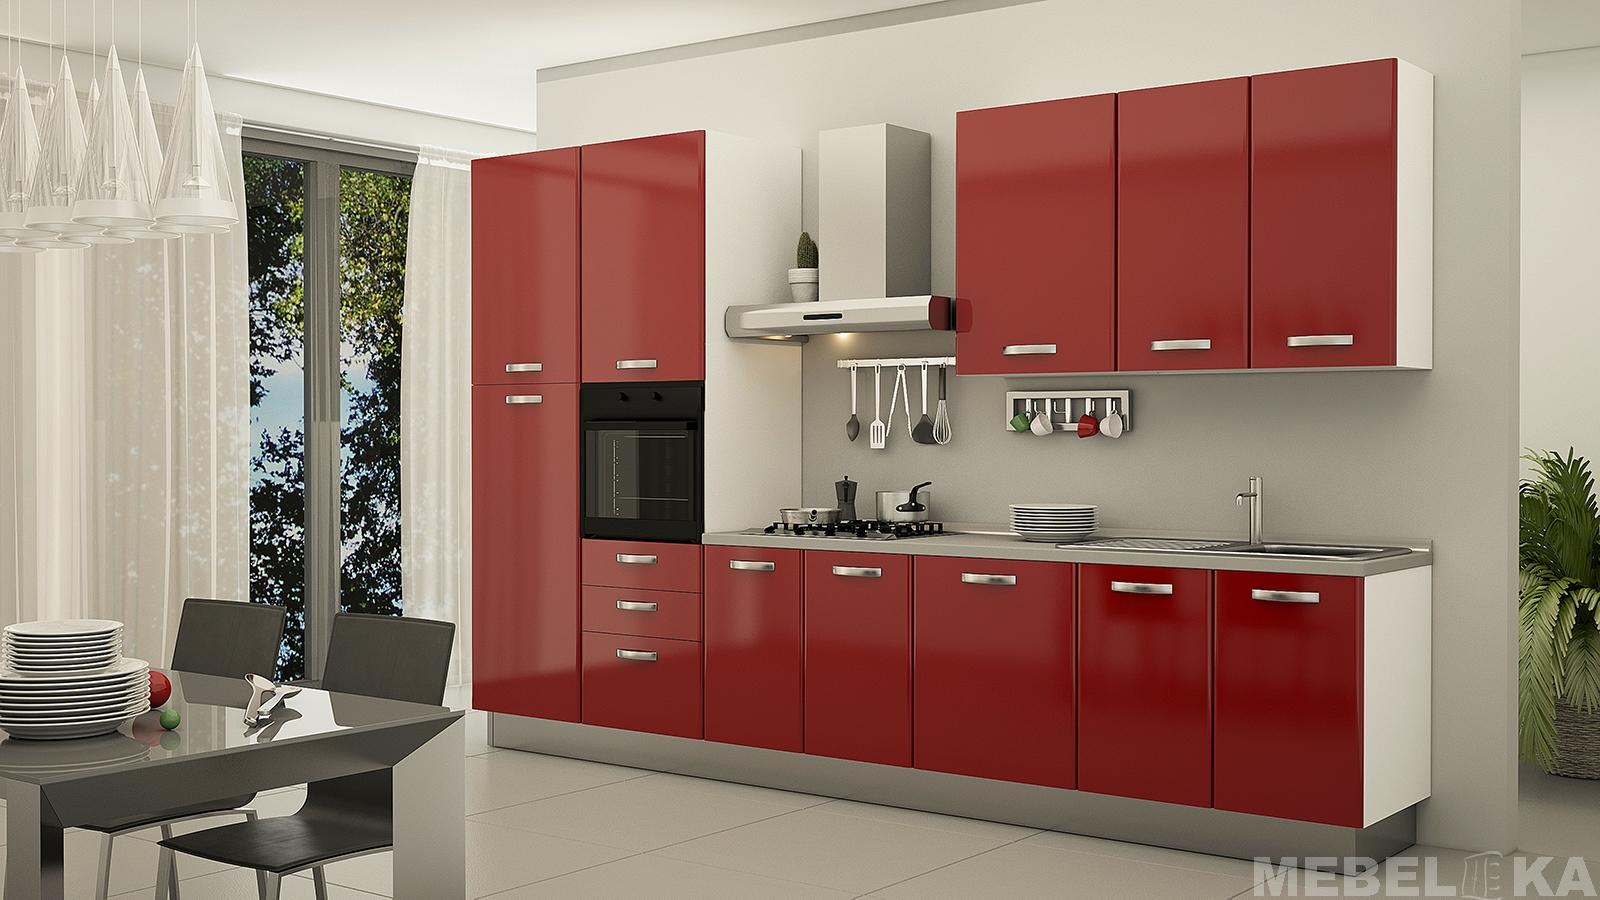 Cucine Ikea Prezzi. Cucine A Pezzi Separati Cucine Ad Angolo Moderne  #812F29 1600 900 Cucine Shabby Chic Mondo Convenienza